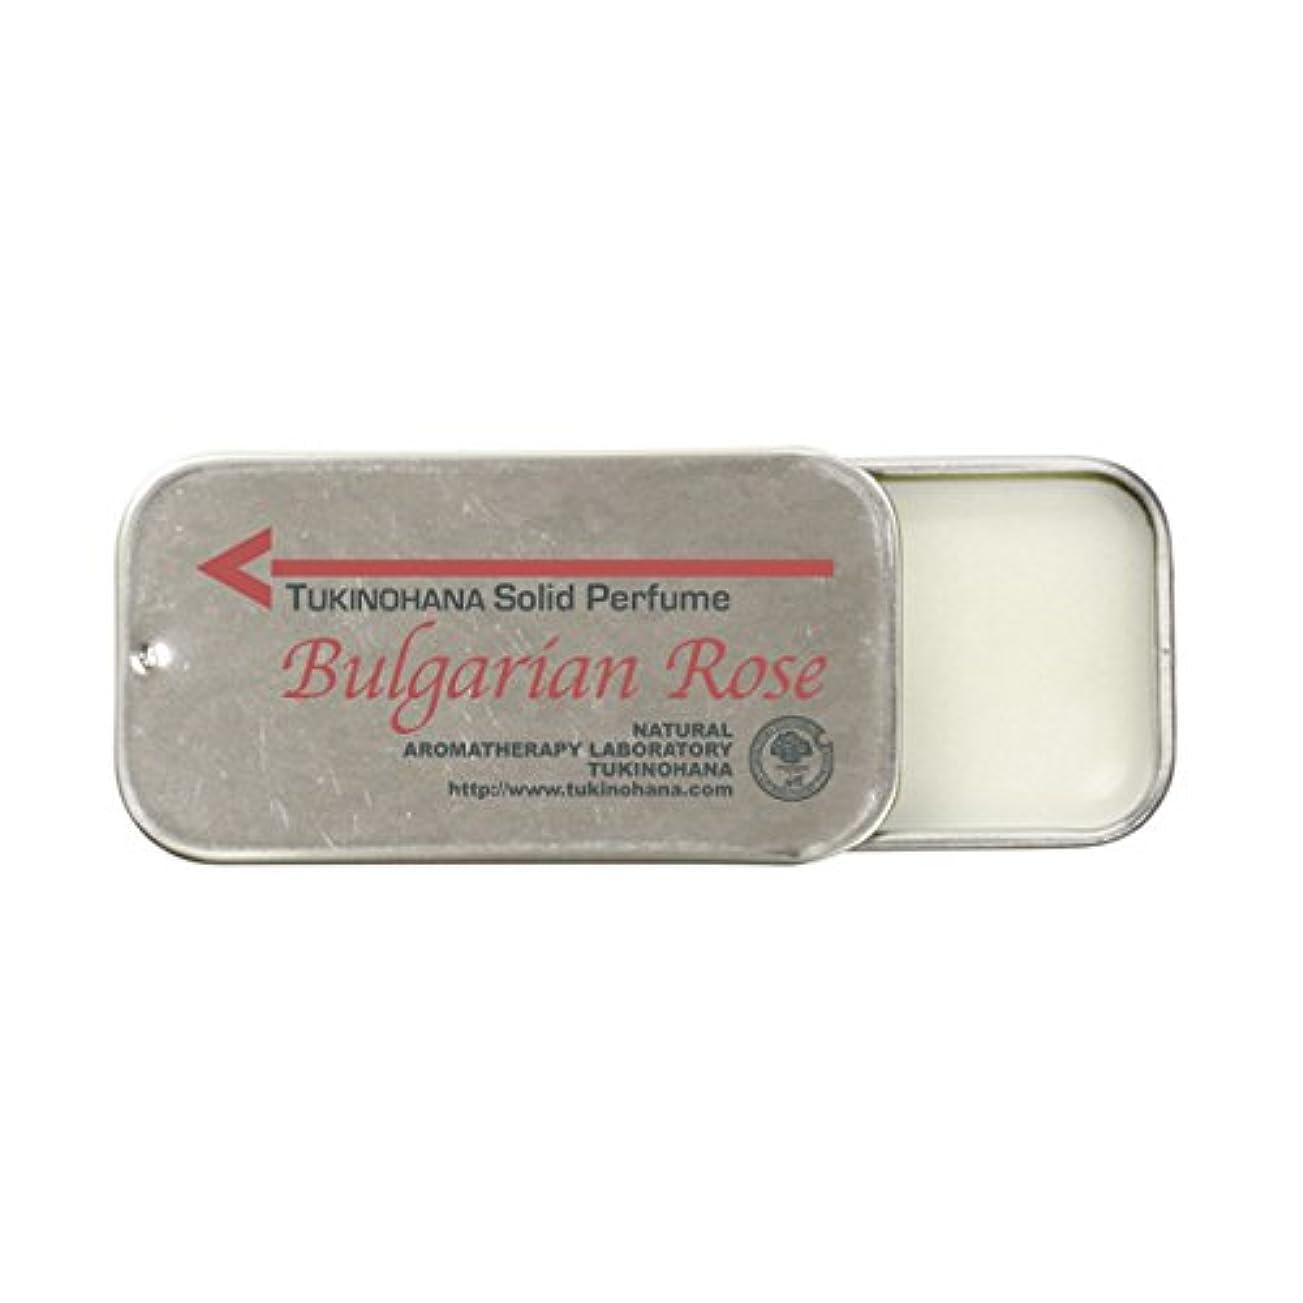 ちょっと待ってコミットメント謙虚な【アロマソリッドパフューム】ブルガリアンローズの練り香水